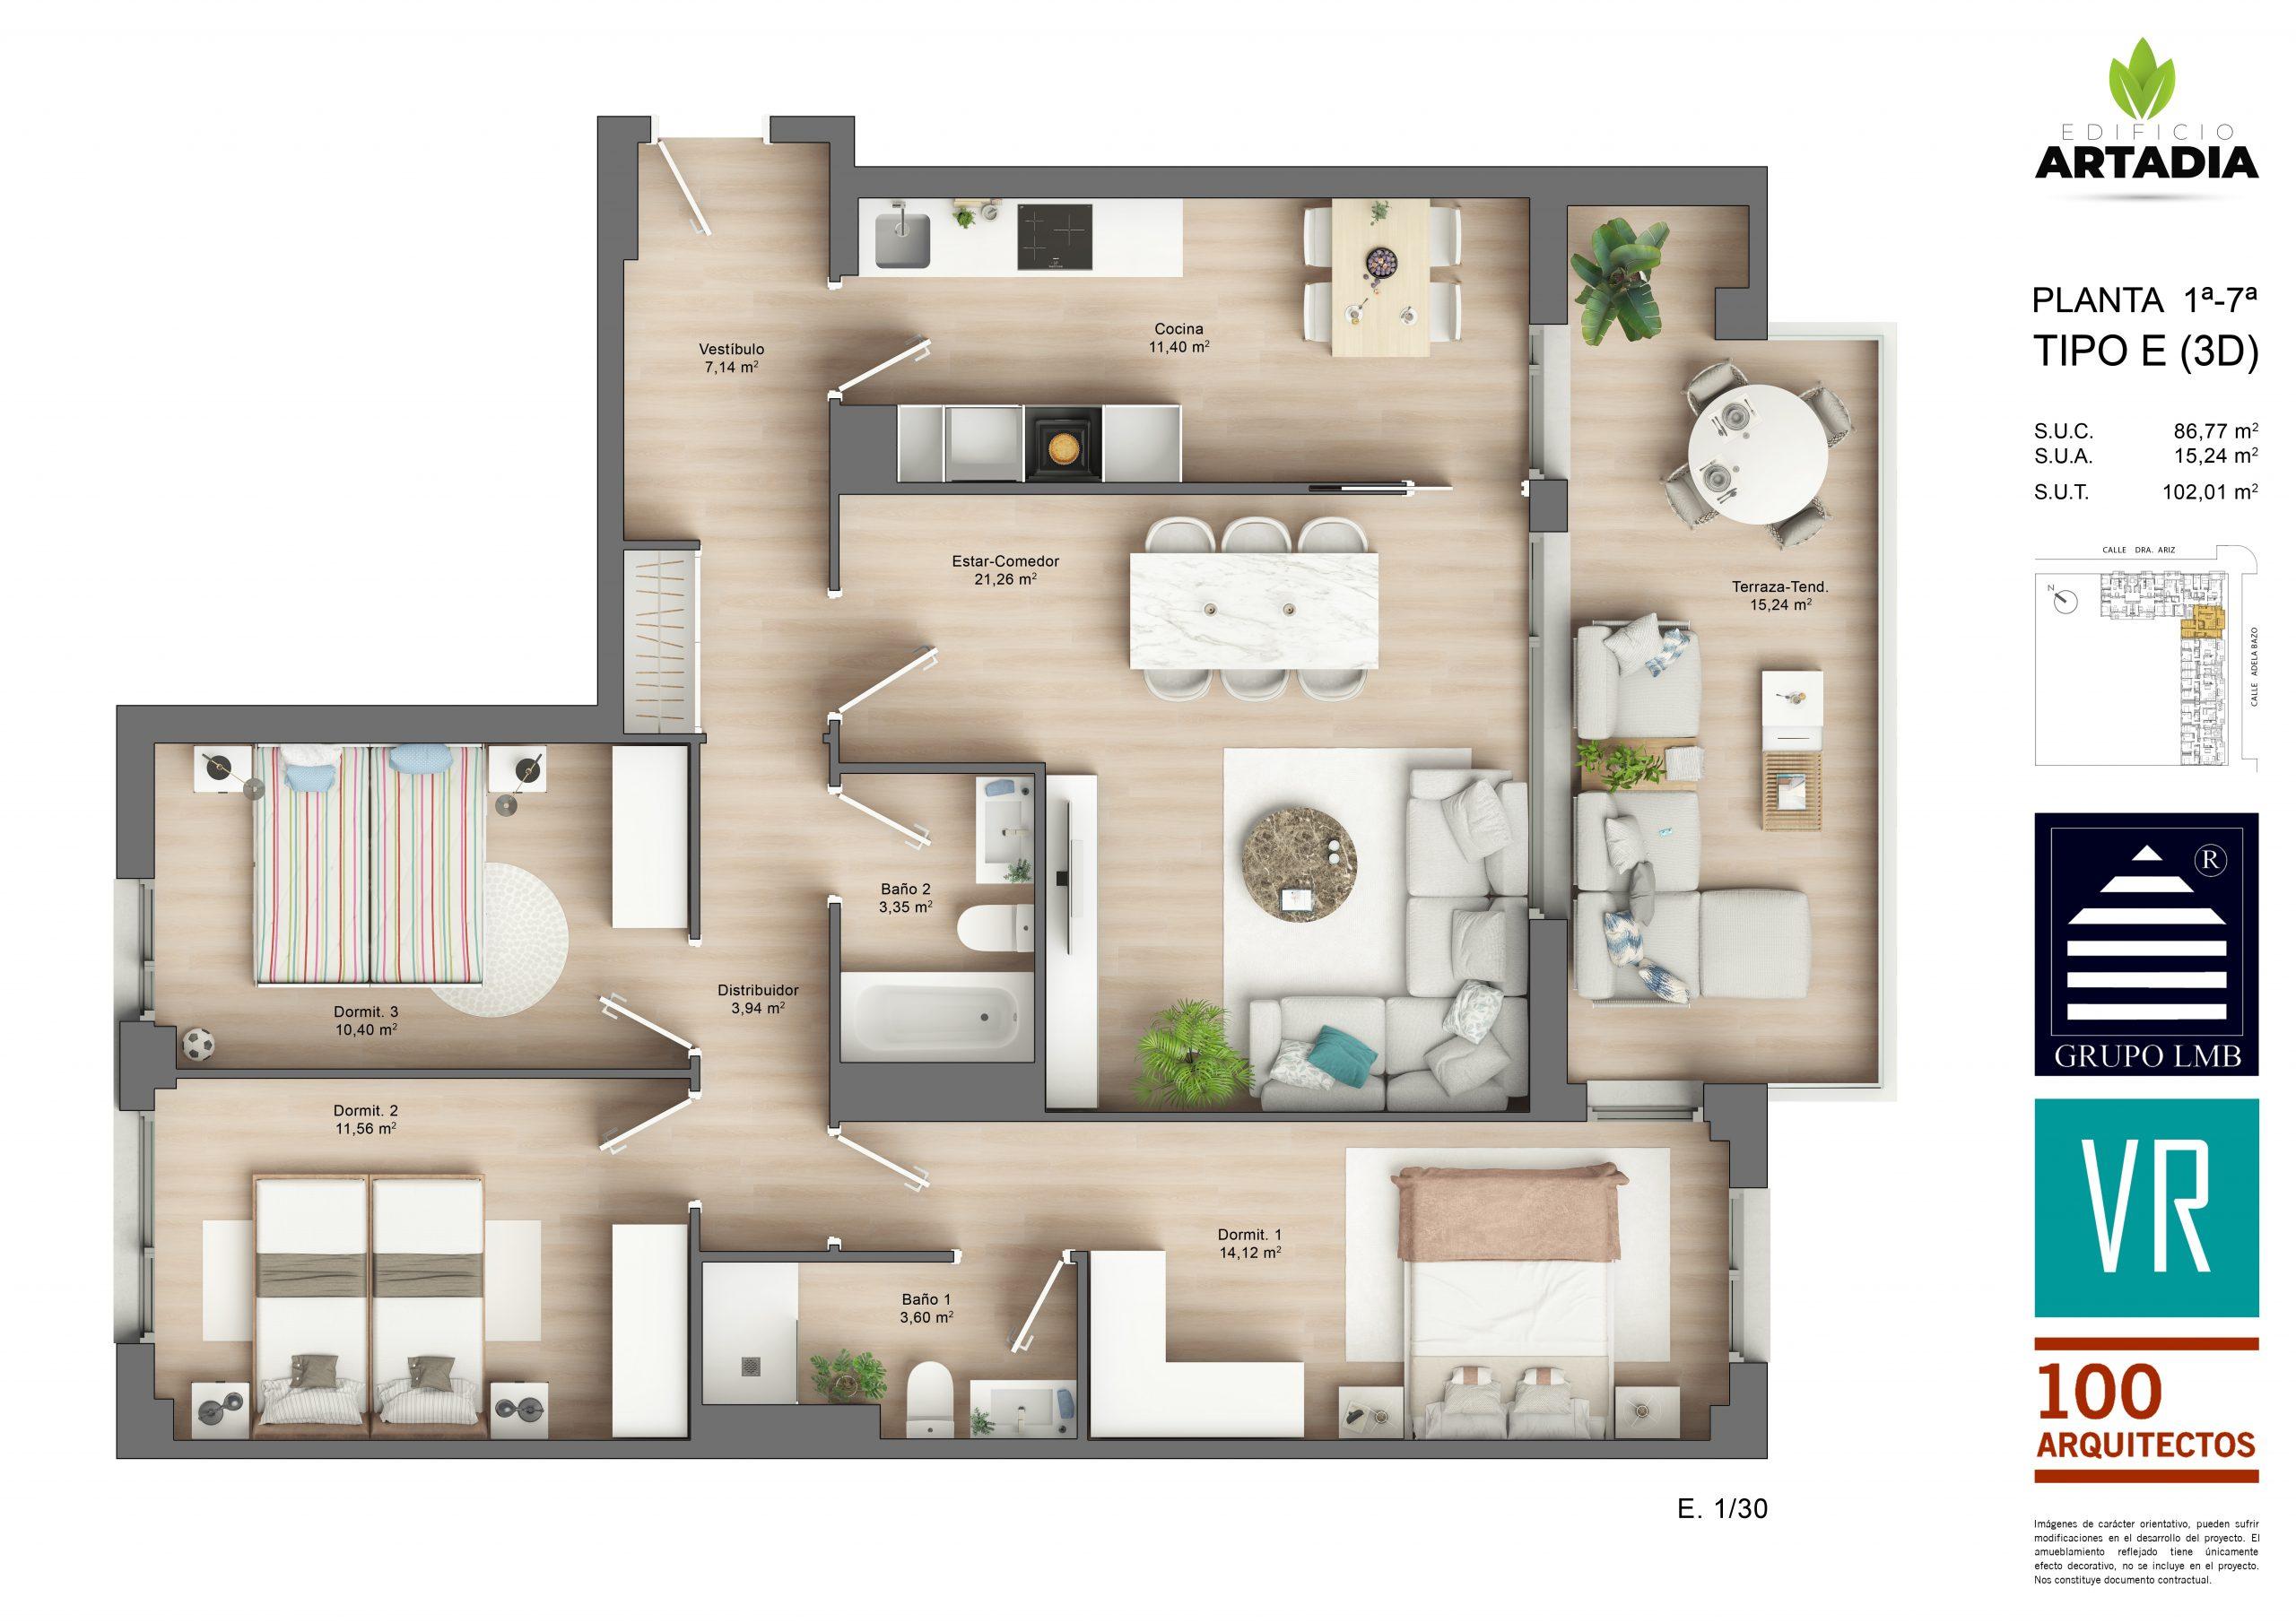 Vivienda de 3 dormitorios